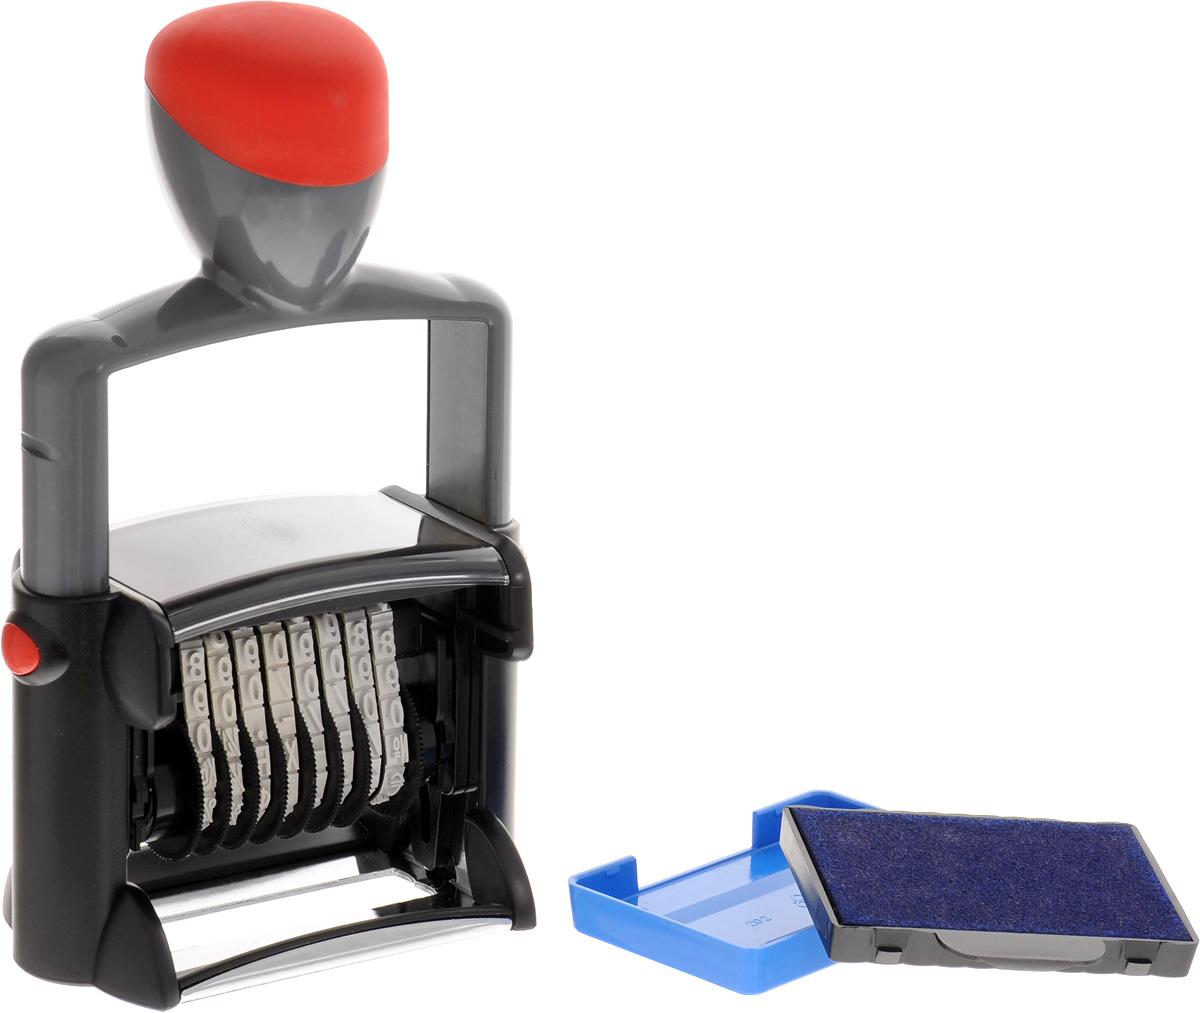 Trodat Нумератор восьмиразрядный 5 ммFS-00897Нумератор Trodat имеет прочный корпус с удобной рукояткой и металлическим каркасом.Автоматическое окрашивание. Кольцевые ленты с цифрами. Номер устанавливается и изменяется вручную.Высота цифр - 5 мм, сменная подушка - код С03880. Восьмиразрядный.